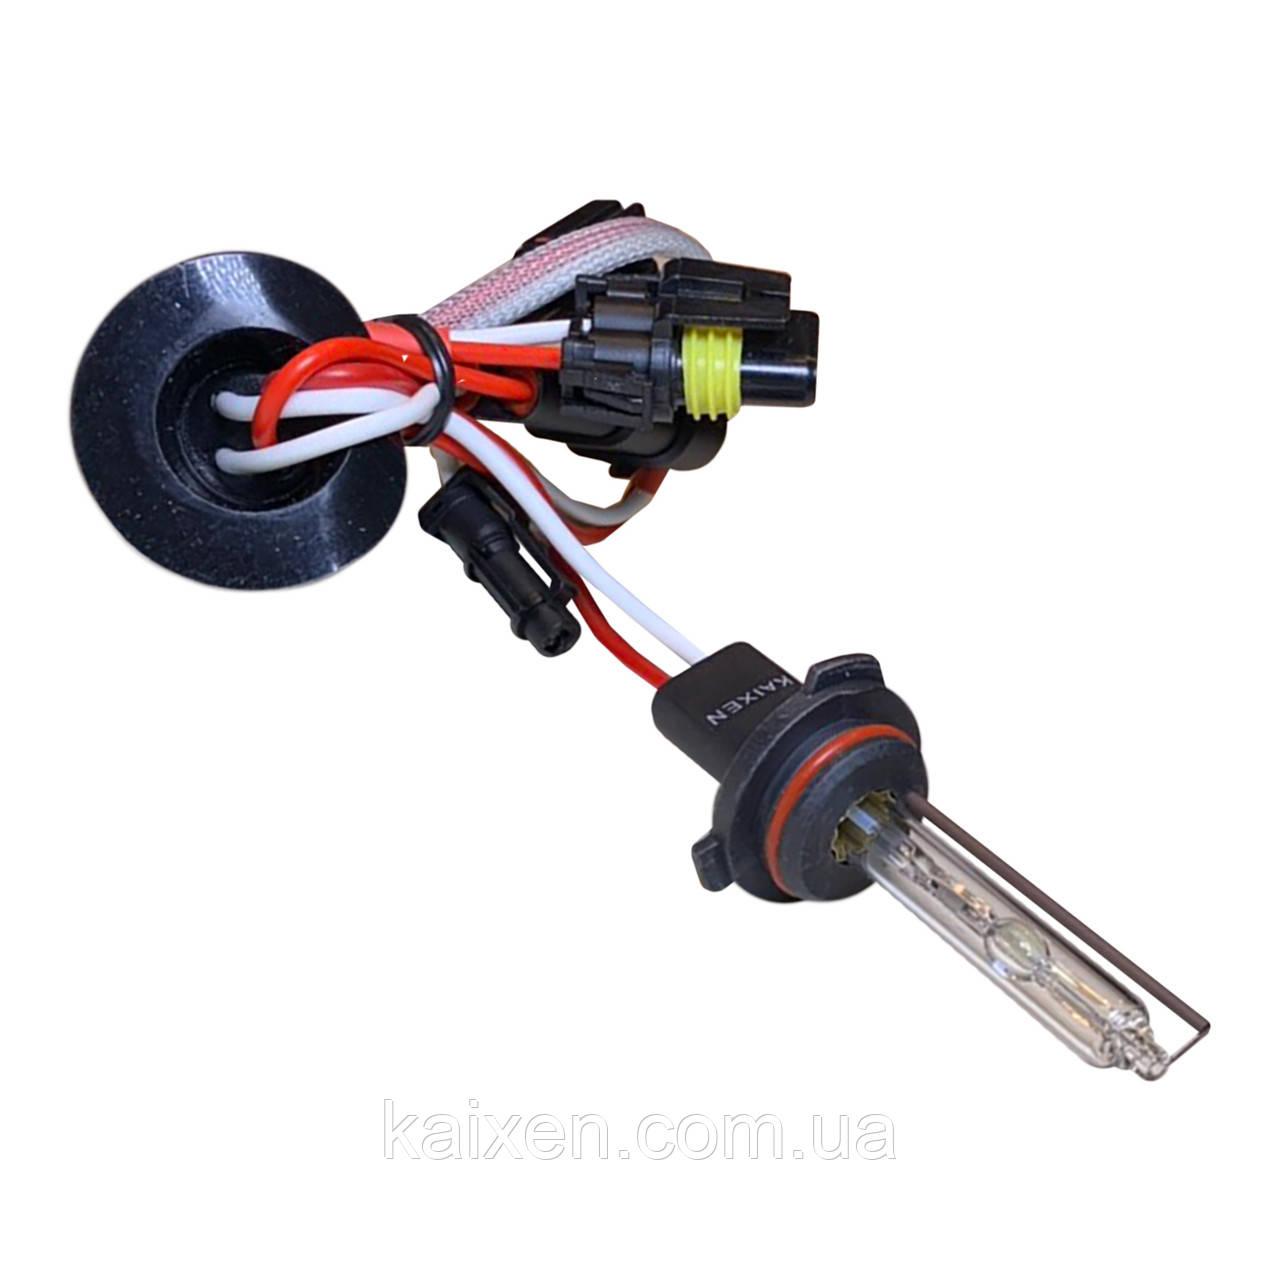 Ксеноновые лампы HB4 4300K Kaixen Vision+ (2шт.) ультраяркие